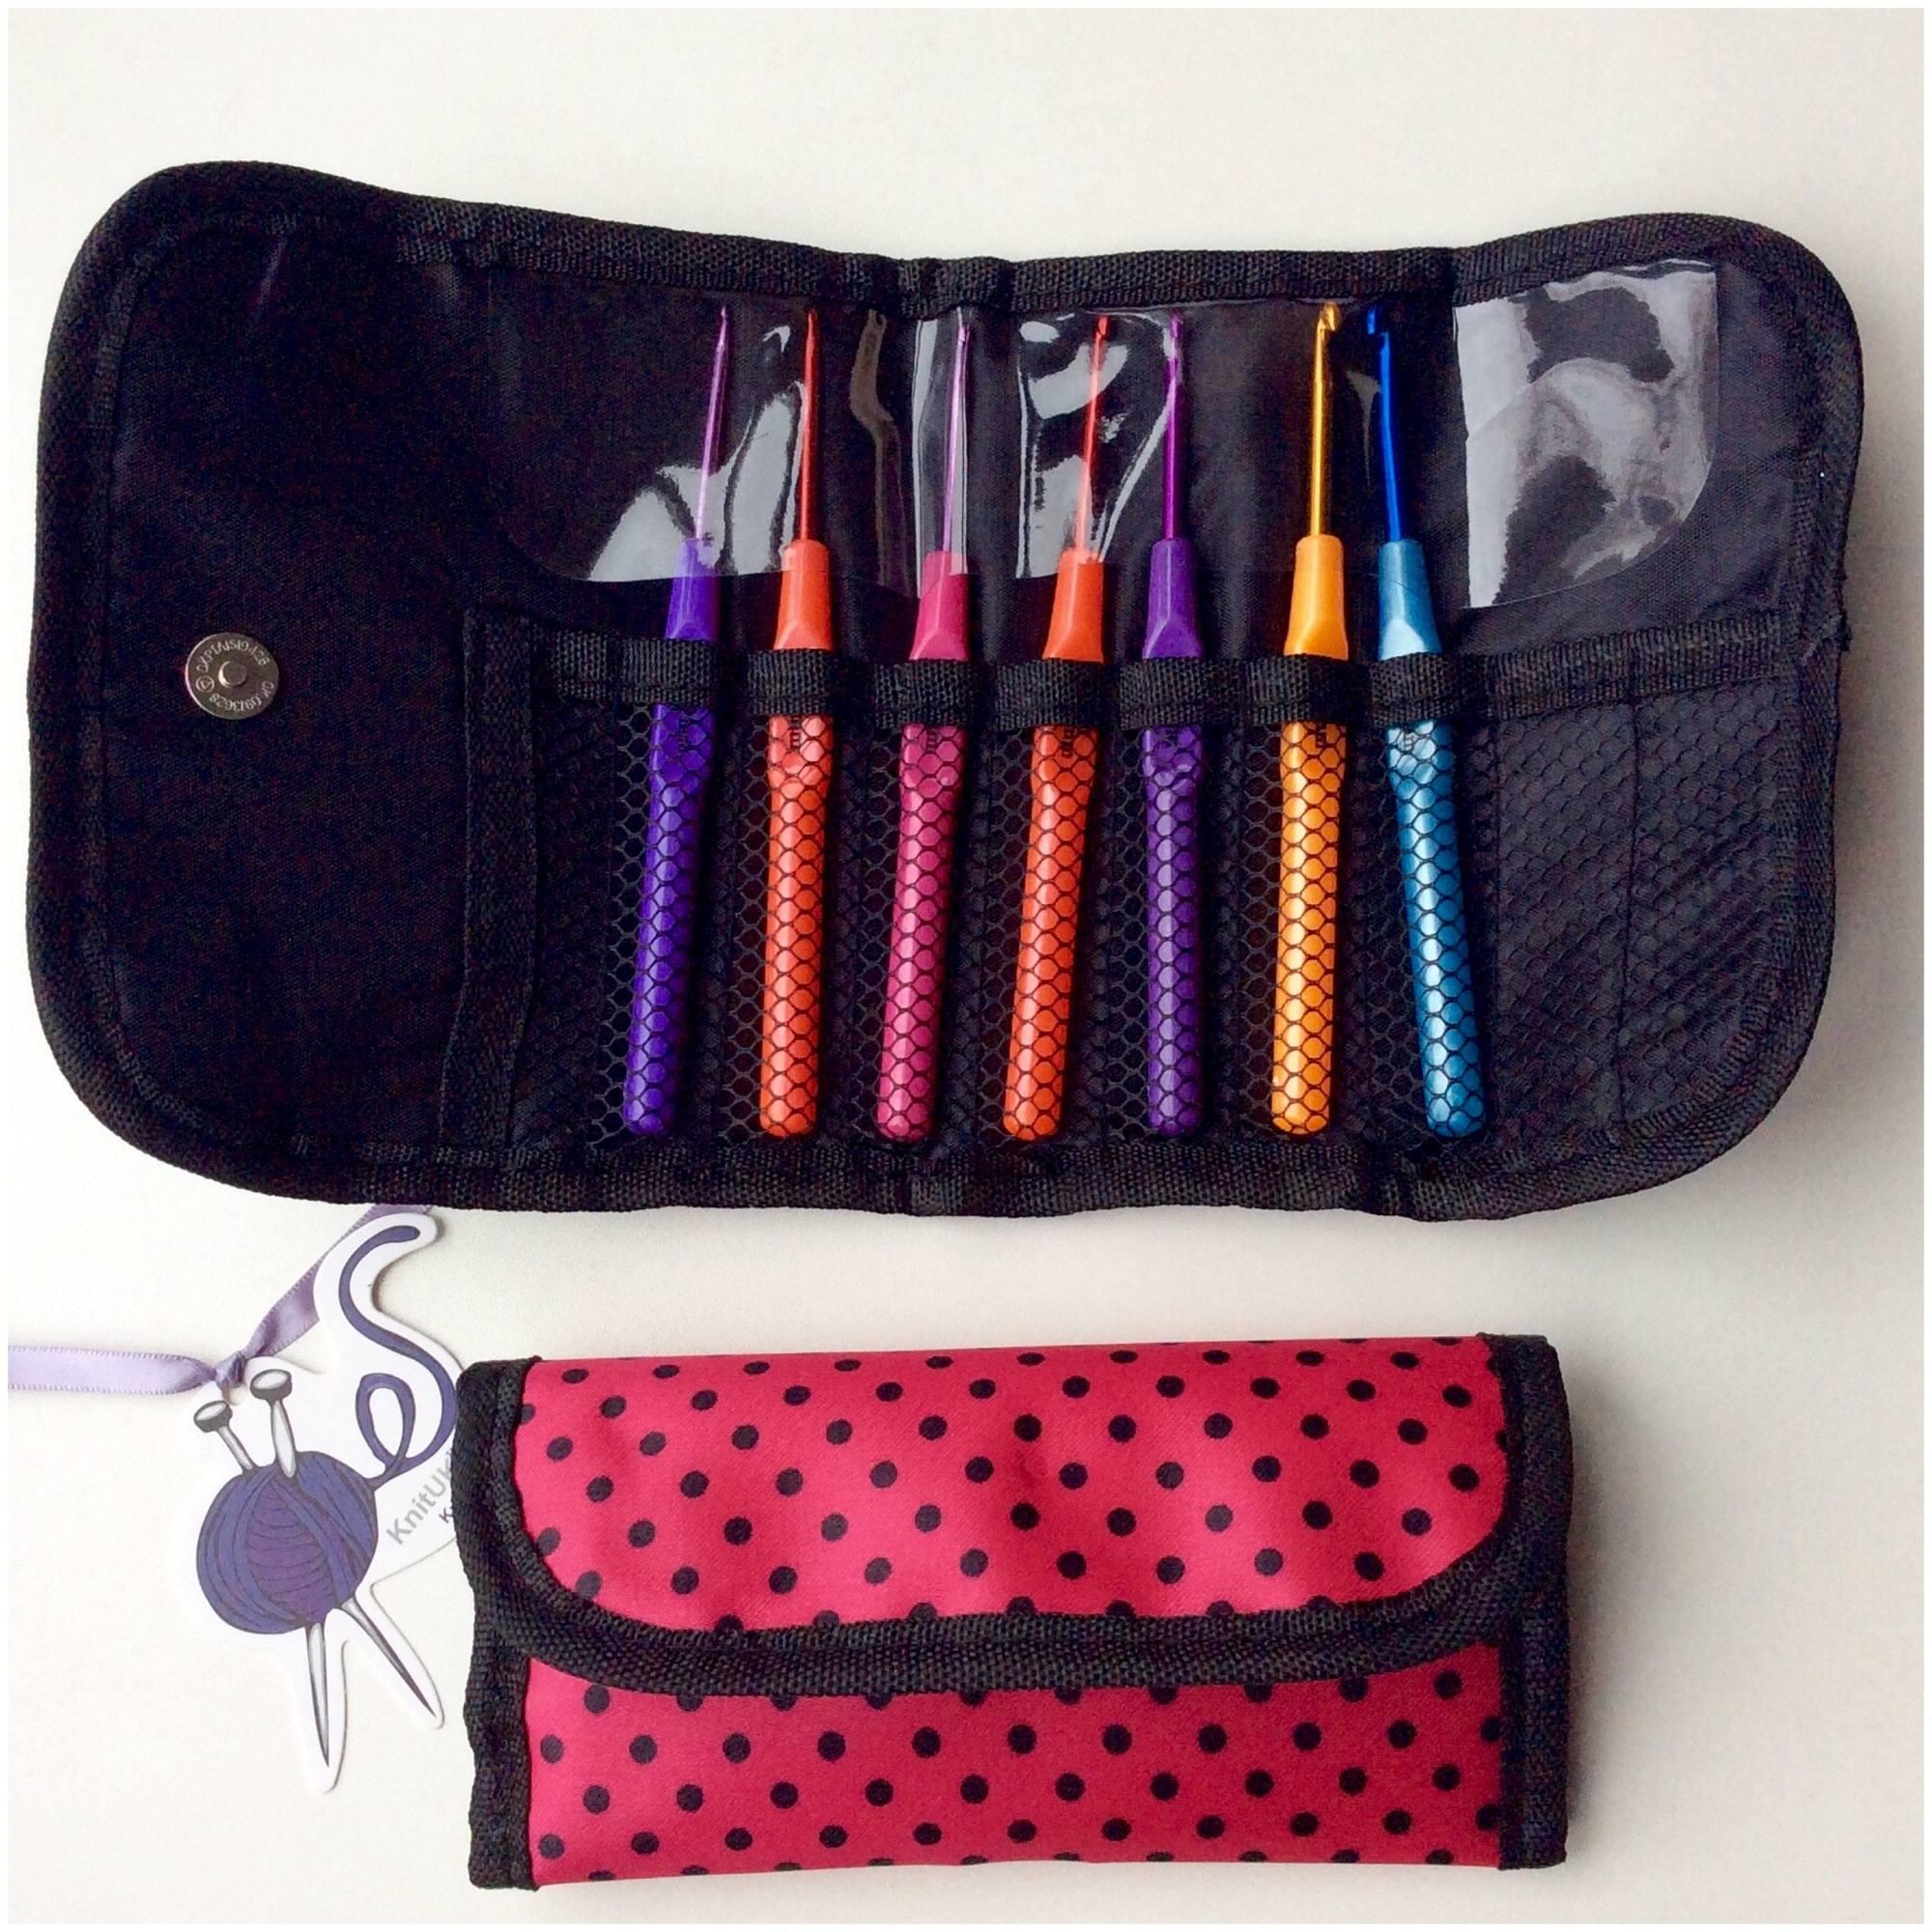 knituk crochet hooks set bag opened